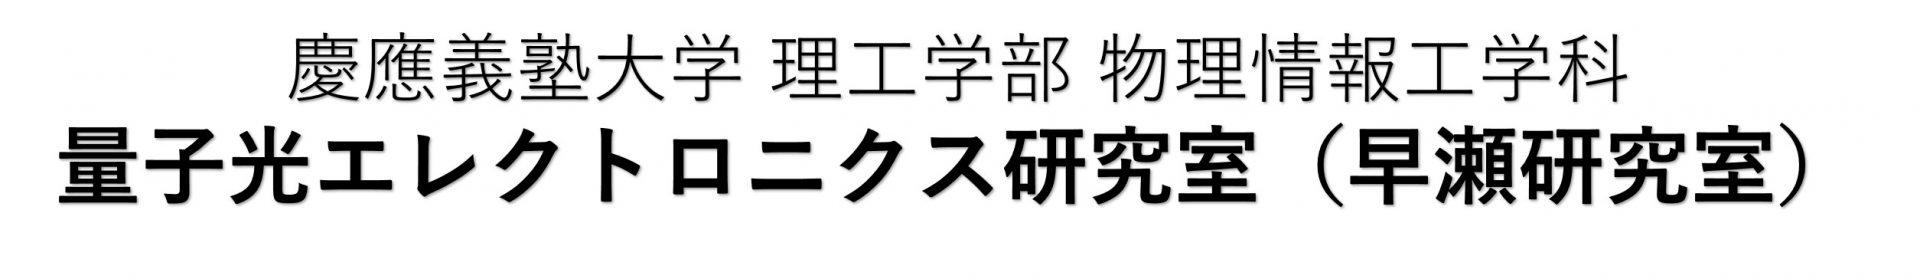 慶應義塾大学 早瀬研究室